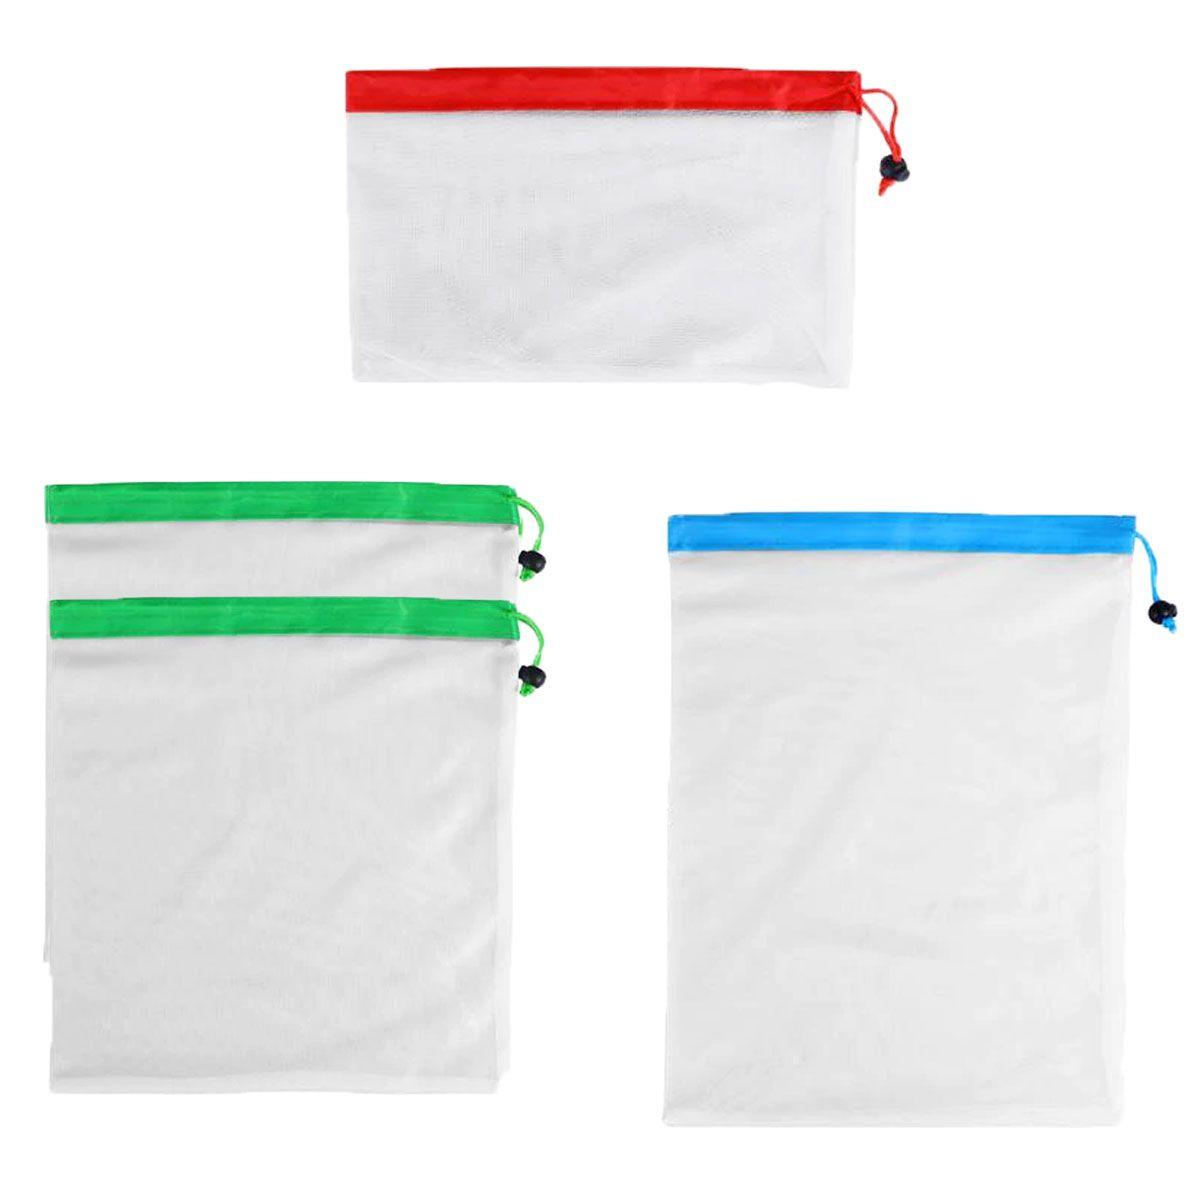 Kit de Ecobags Respiráveis com diversos tamanhos (kit com 4)